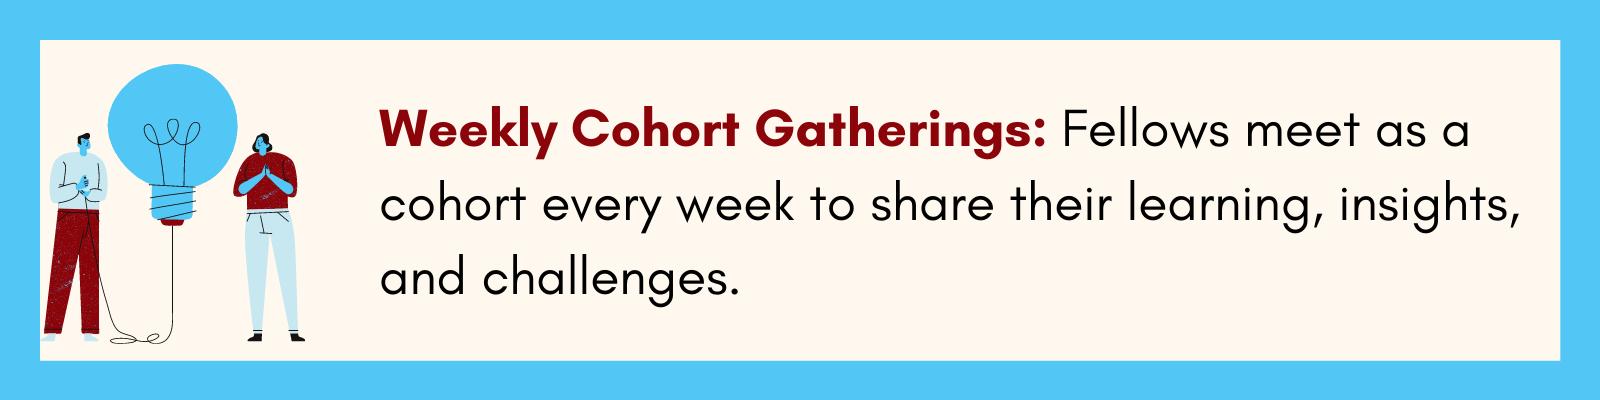 cohort meetings